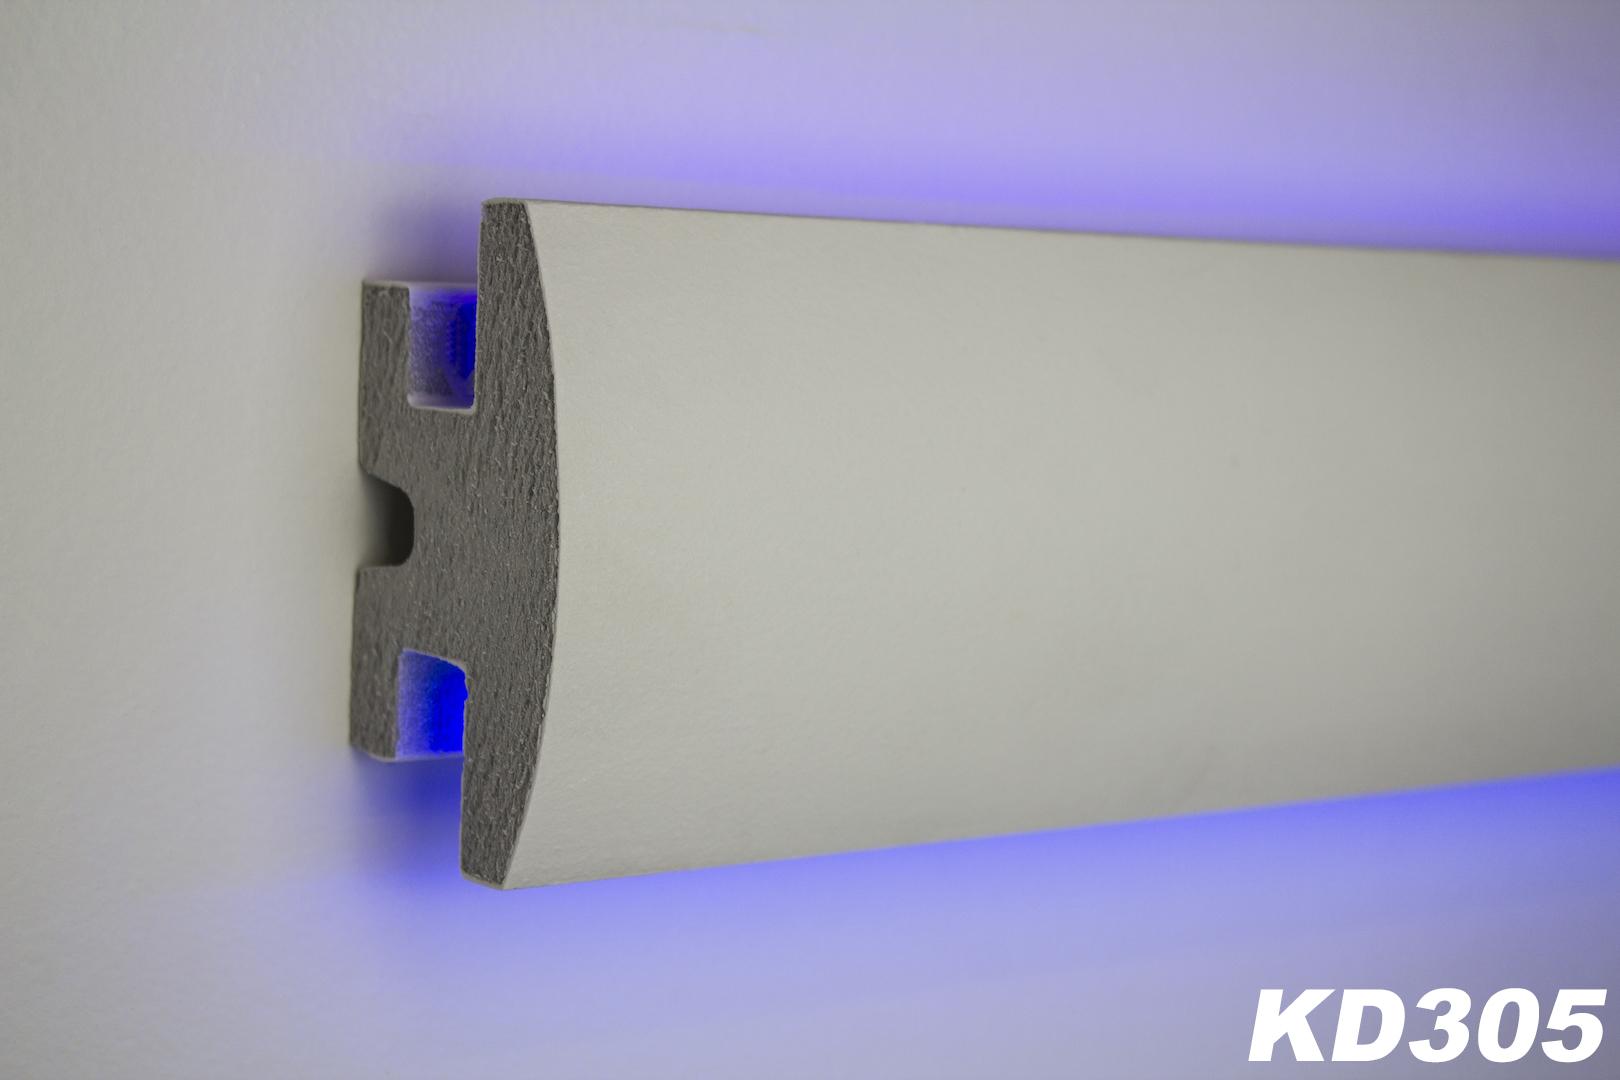 1 15 m tres led moulure en stuc pour indirecte clairage xps 90x50 kd305 ebay. Black Bedroom Furniture Sets. Home Design Ideas